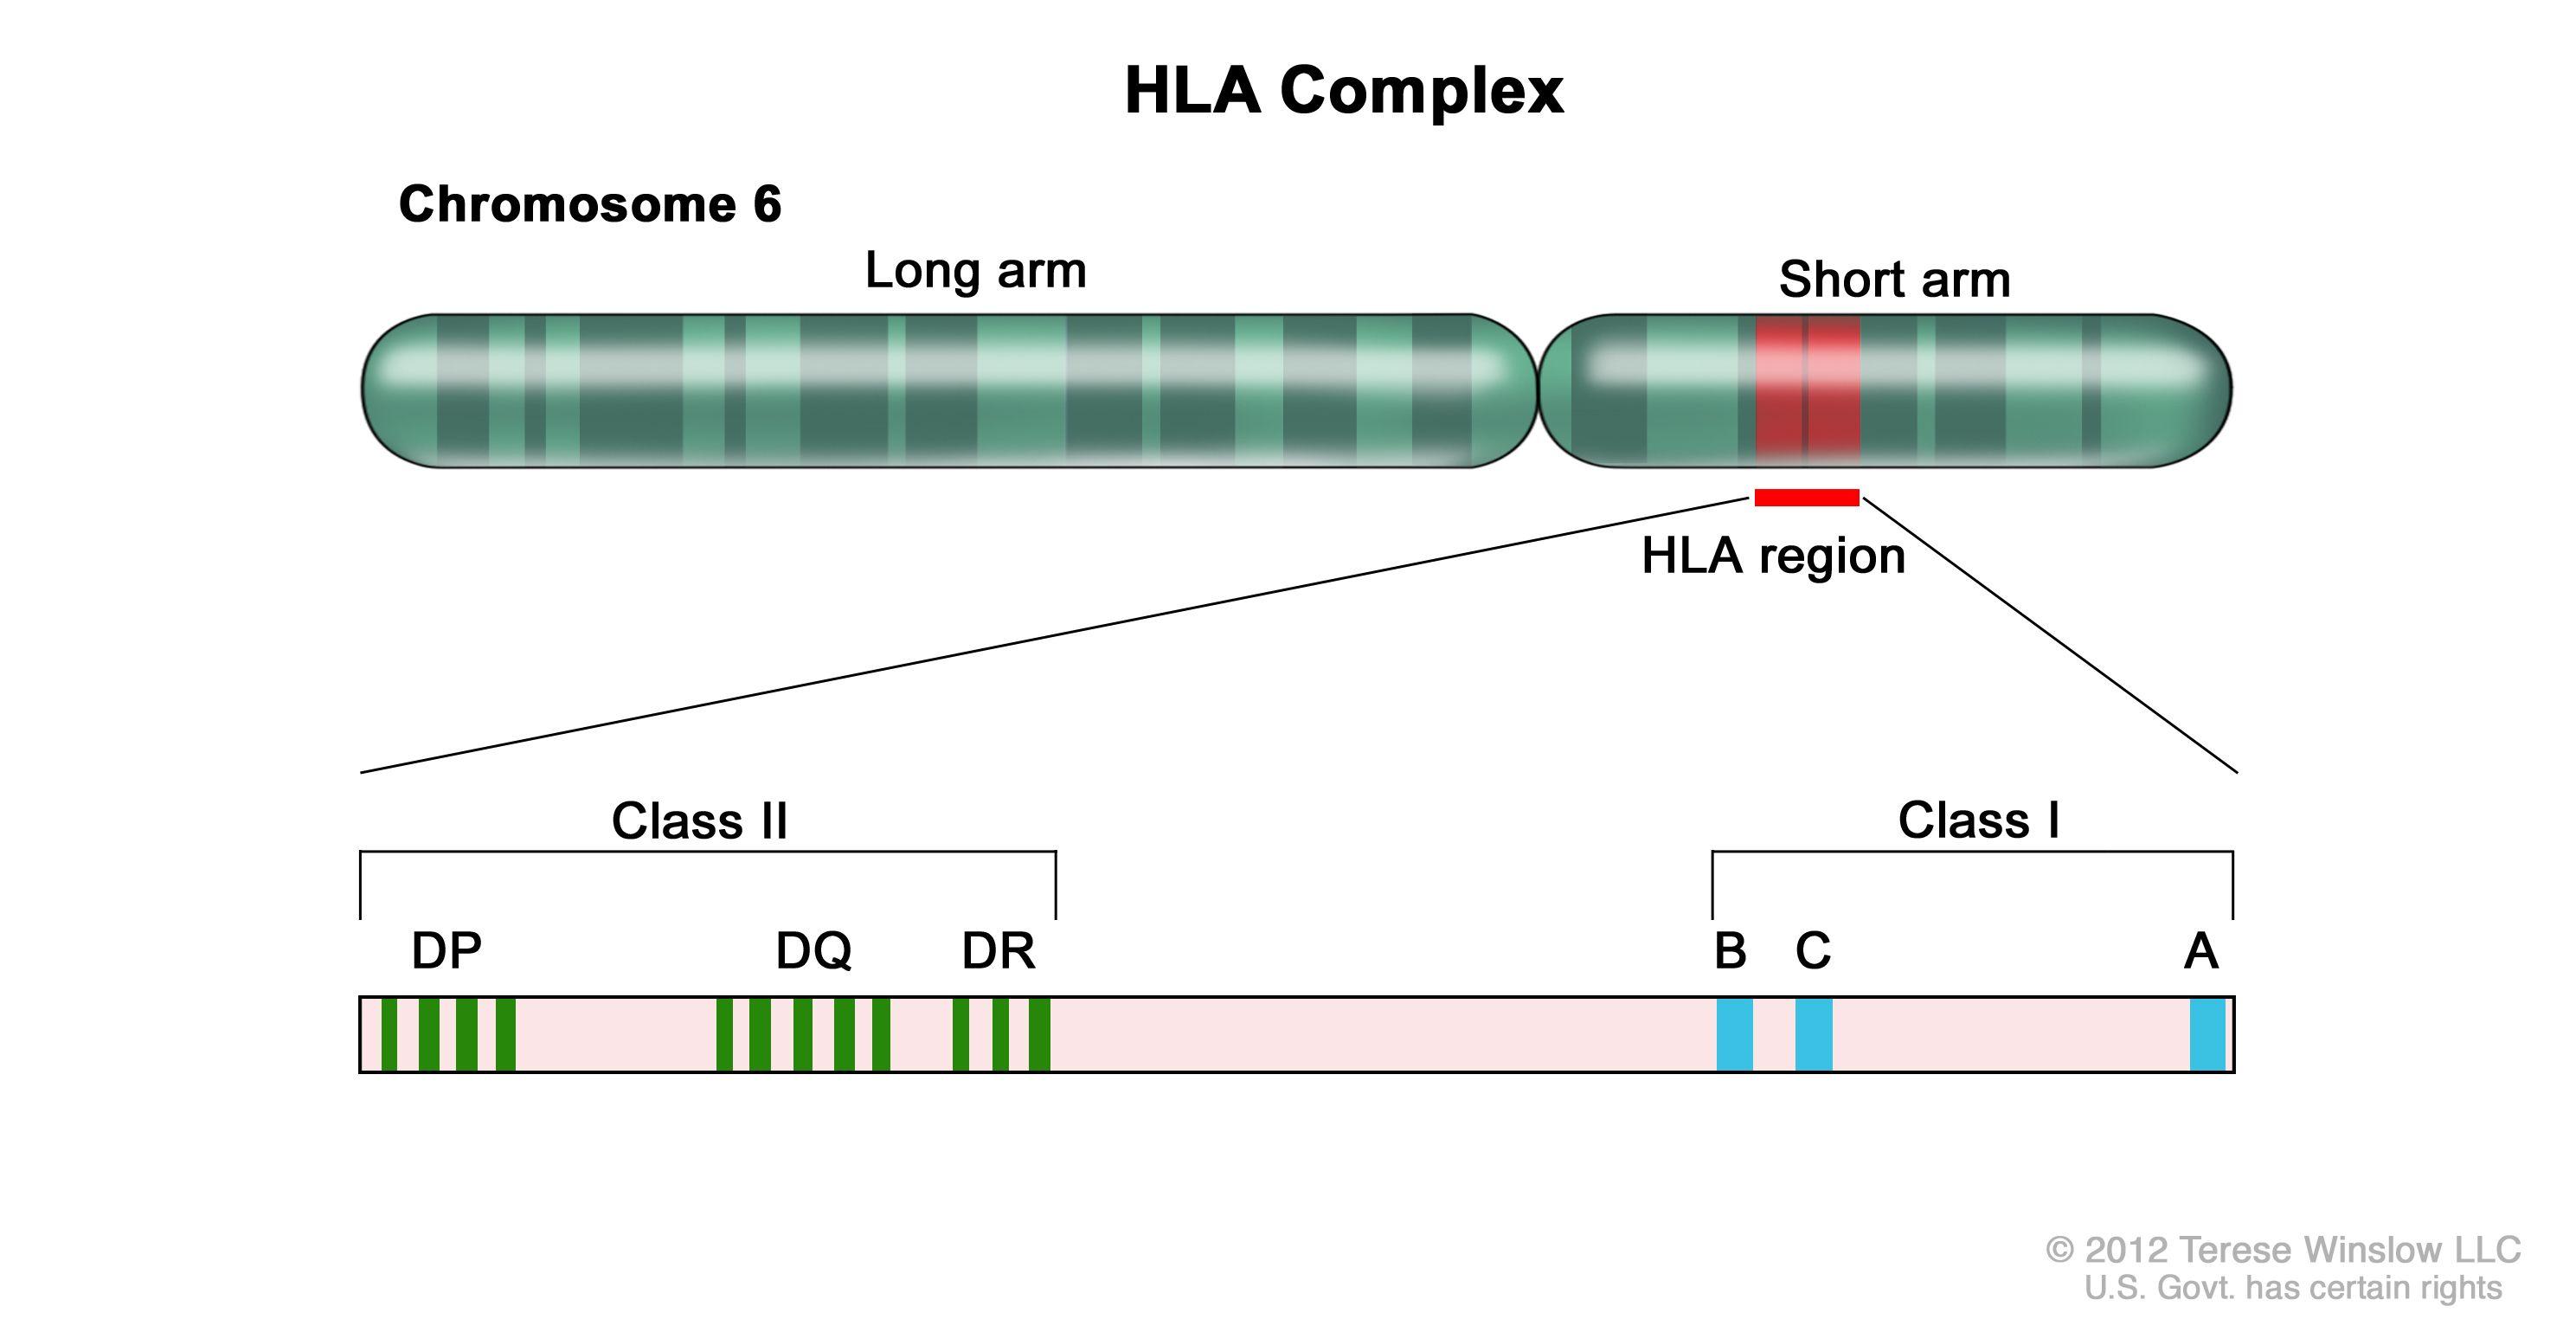 ヒト白血球抗原(HLA)複合体;図はヒトの6番染色体の長腕および短腕と、Class I A、B、CアレルとClass II DP、DQ、DRアレルを含むHLA領域の拡大図を示す。